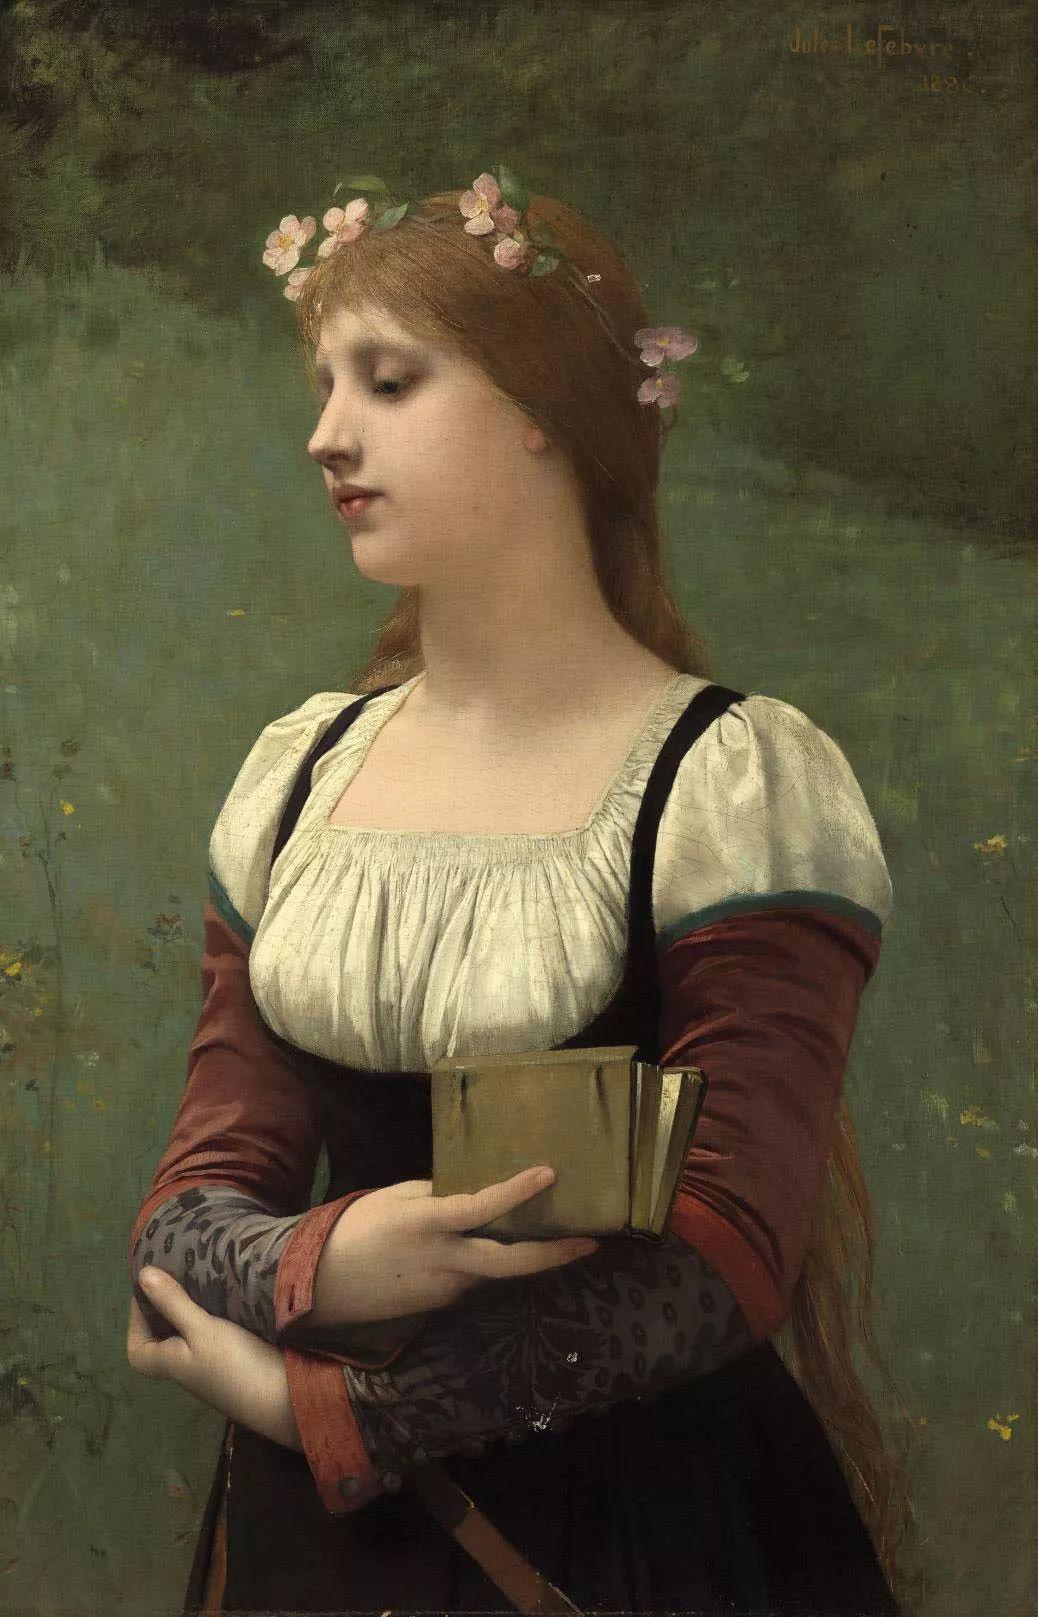 对不起,你的人像作品美到我了!法国学院派画家Jules Joseph Lefebvre插图25